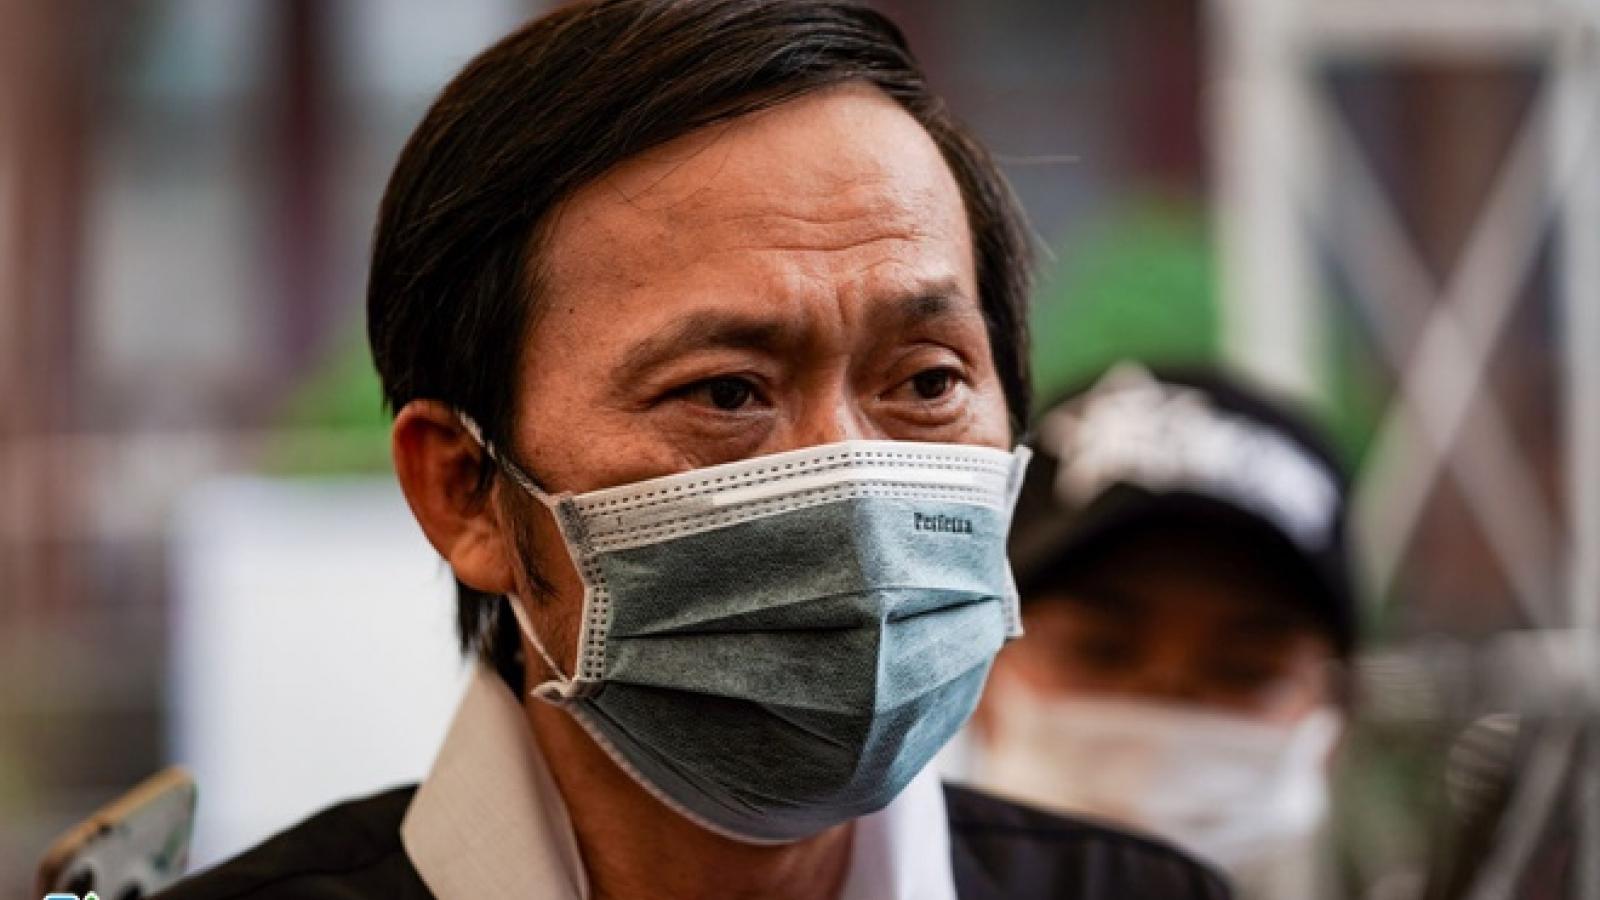 Sau 6 tháng, Hoài Linh giải ngân tiền lũ lụt 2020 giữa dịch Covid-19